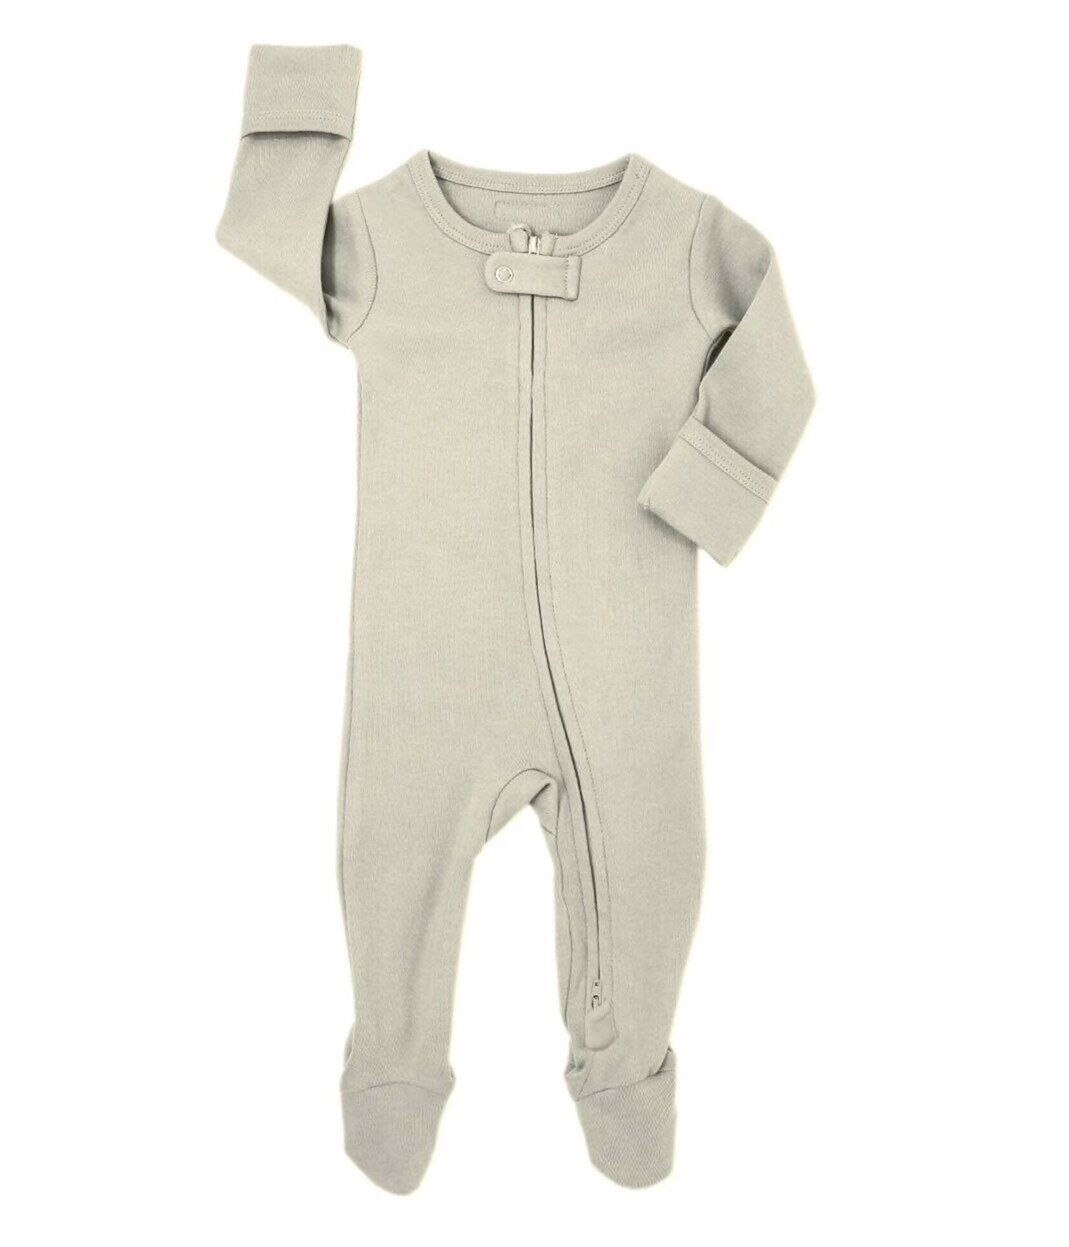 Organic 6-Way Zipper Rompers to Keep Your Baby Cozy — meer